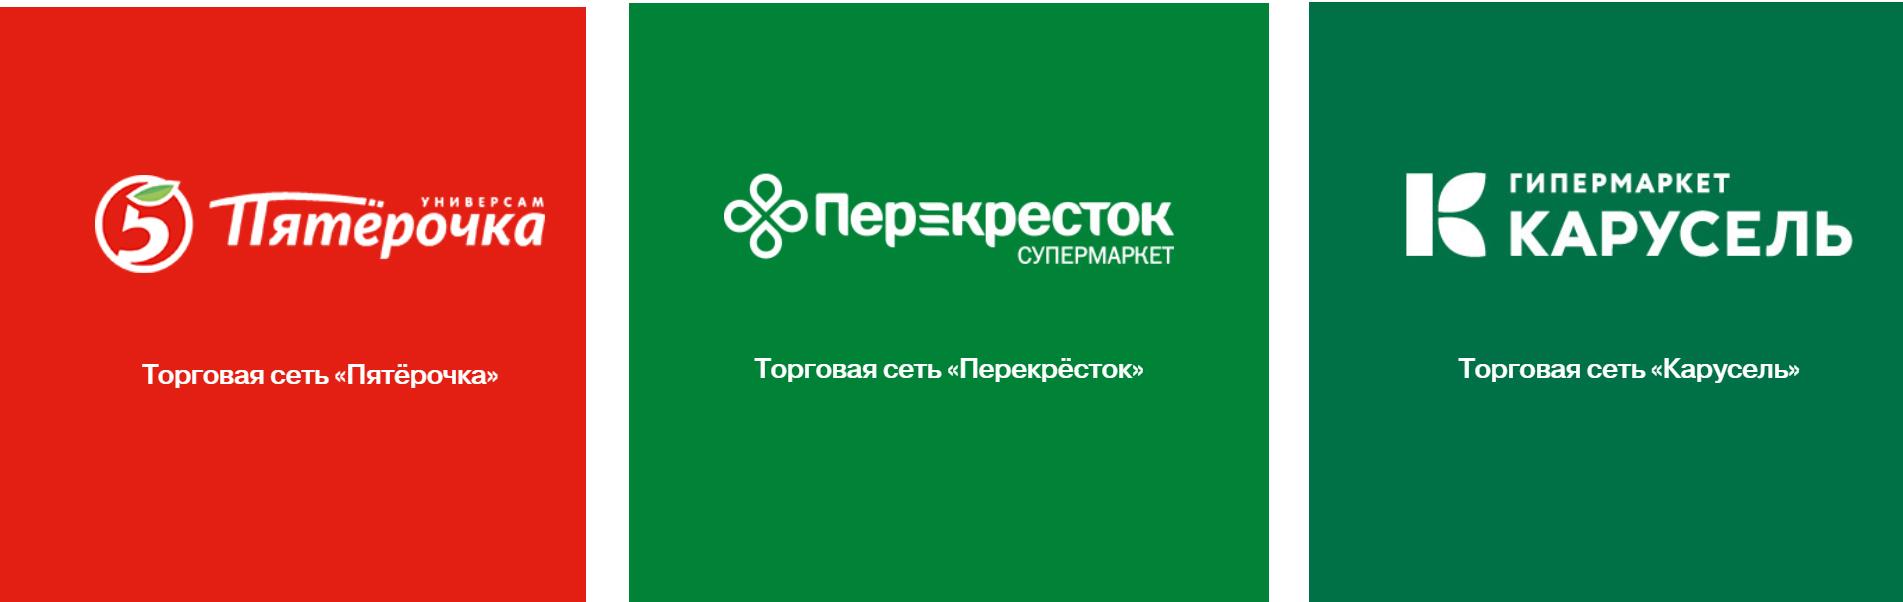 Товары с AliExpress теперь можно потрогать и купить в салонах Tele2